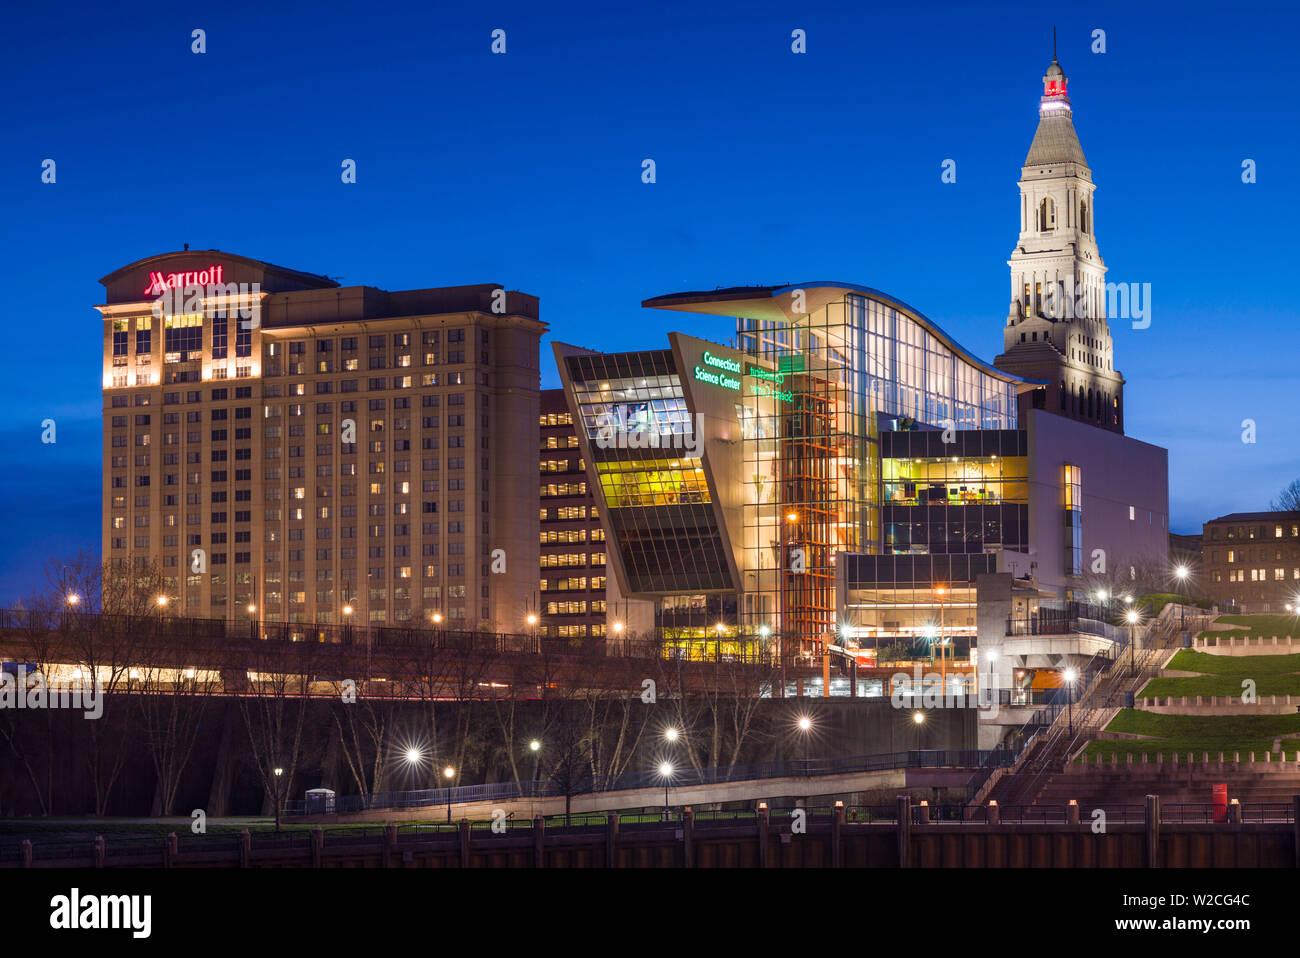 Estados Unidos, Connecticut, Hartford, Connecticut con vistas al horizonte de la ciudad y los viajeros del Centro de Ciencias de la construcción, desde el río Connecticut, al anochecer Foto de stock